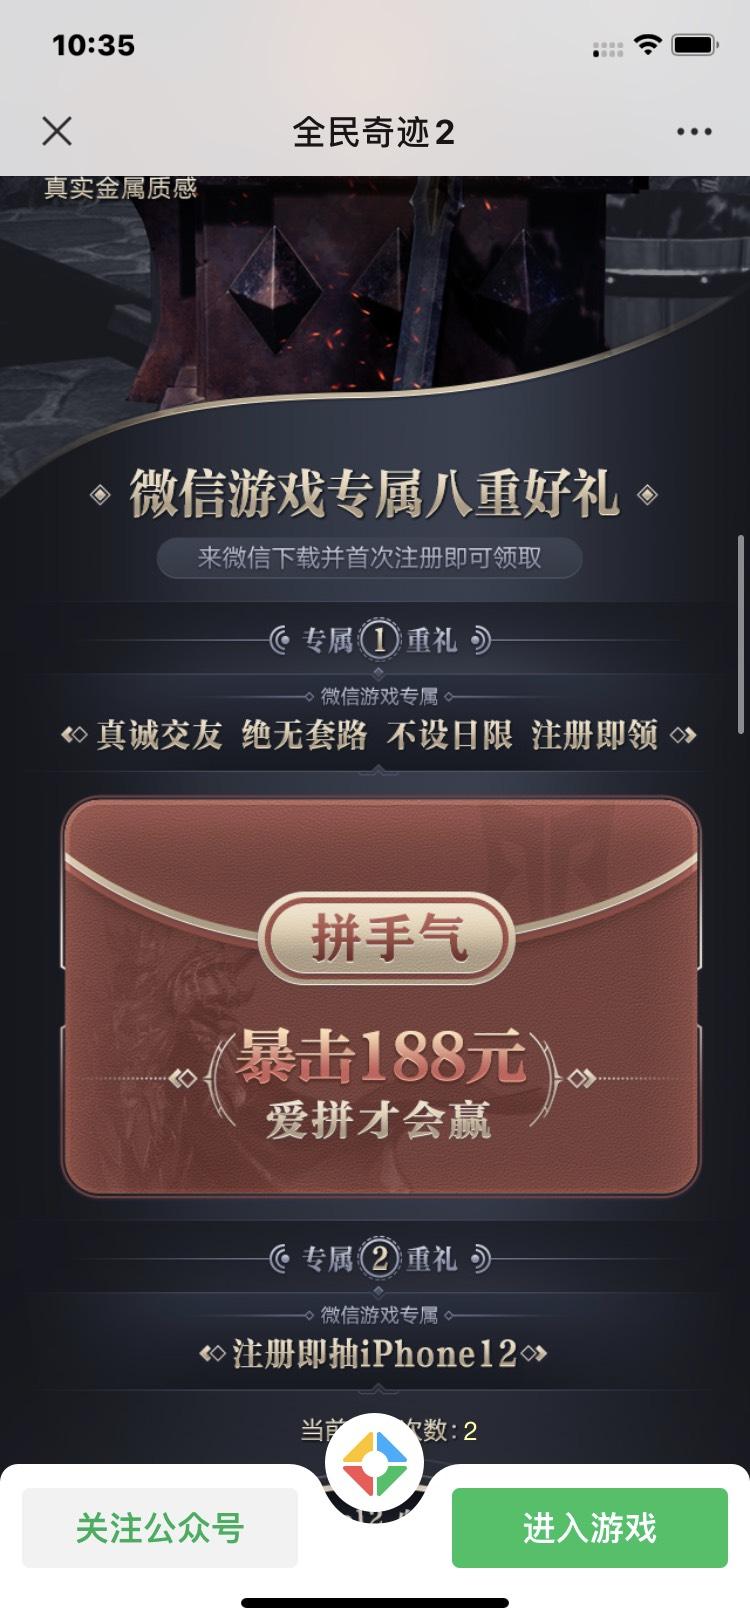 微信游戏全民奇迹2